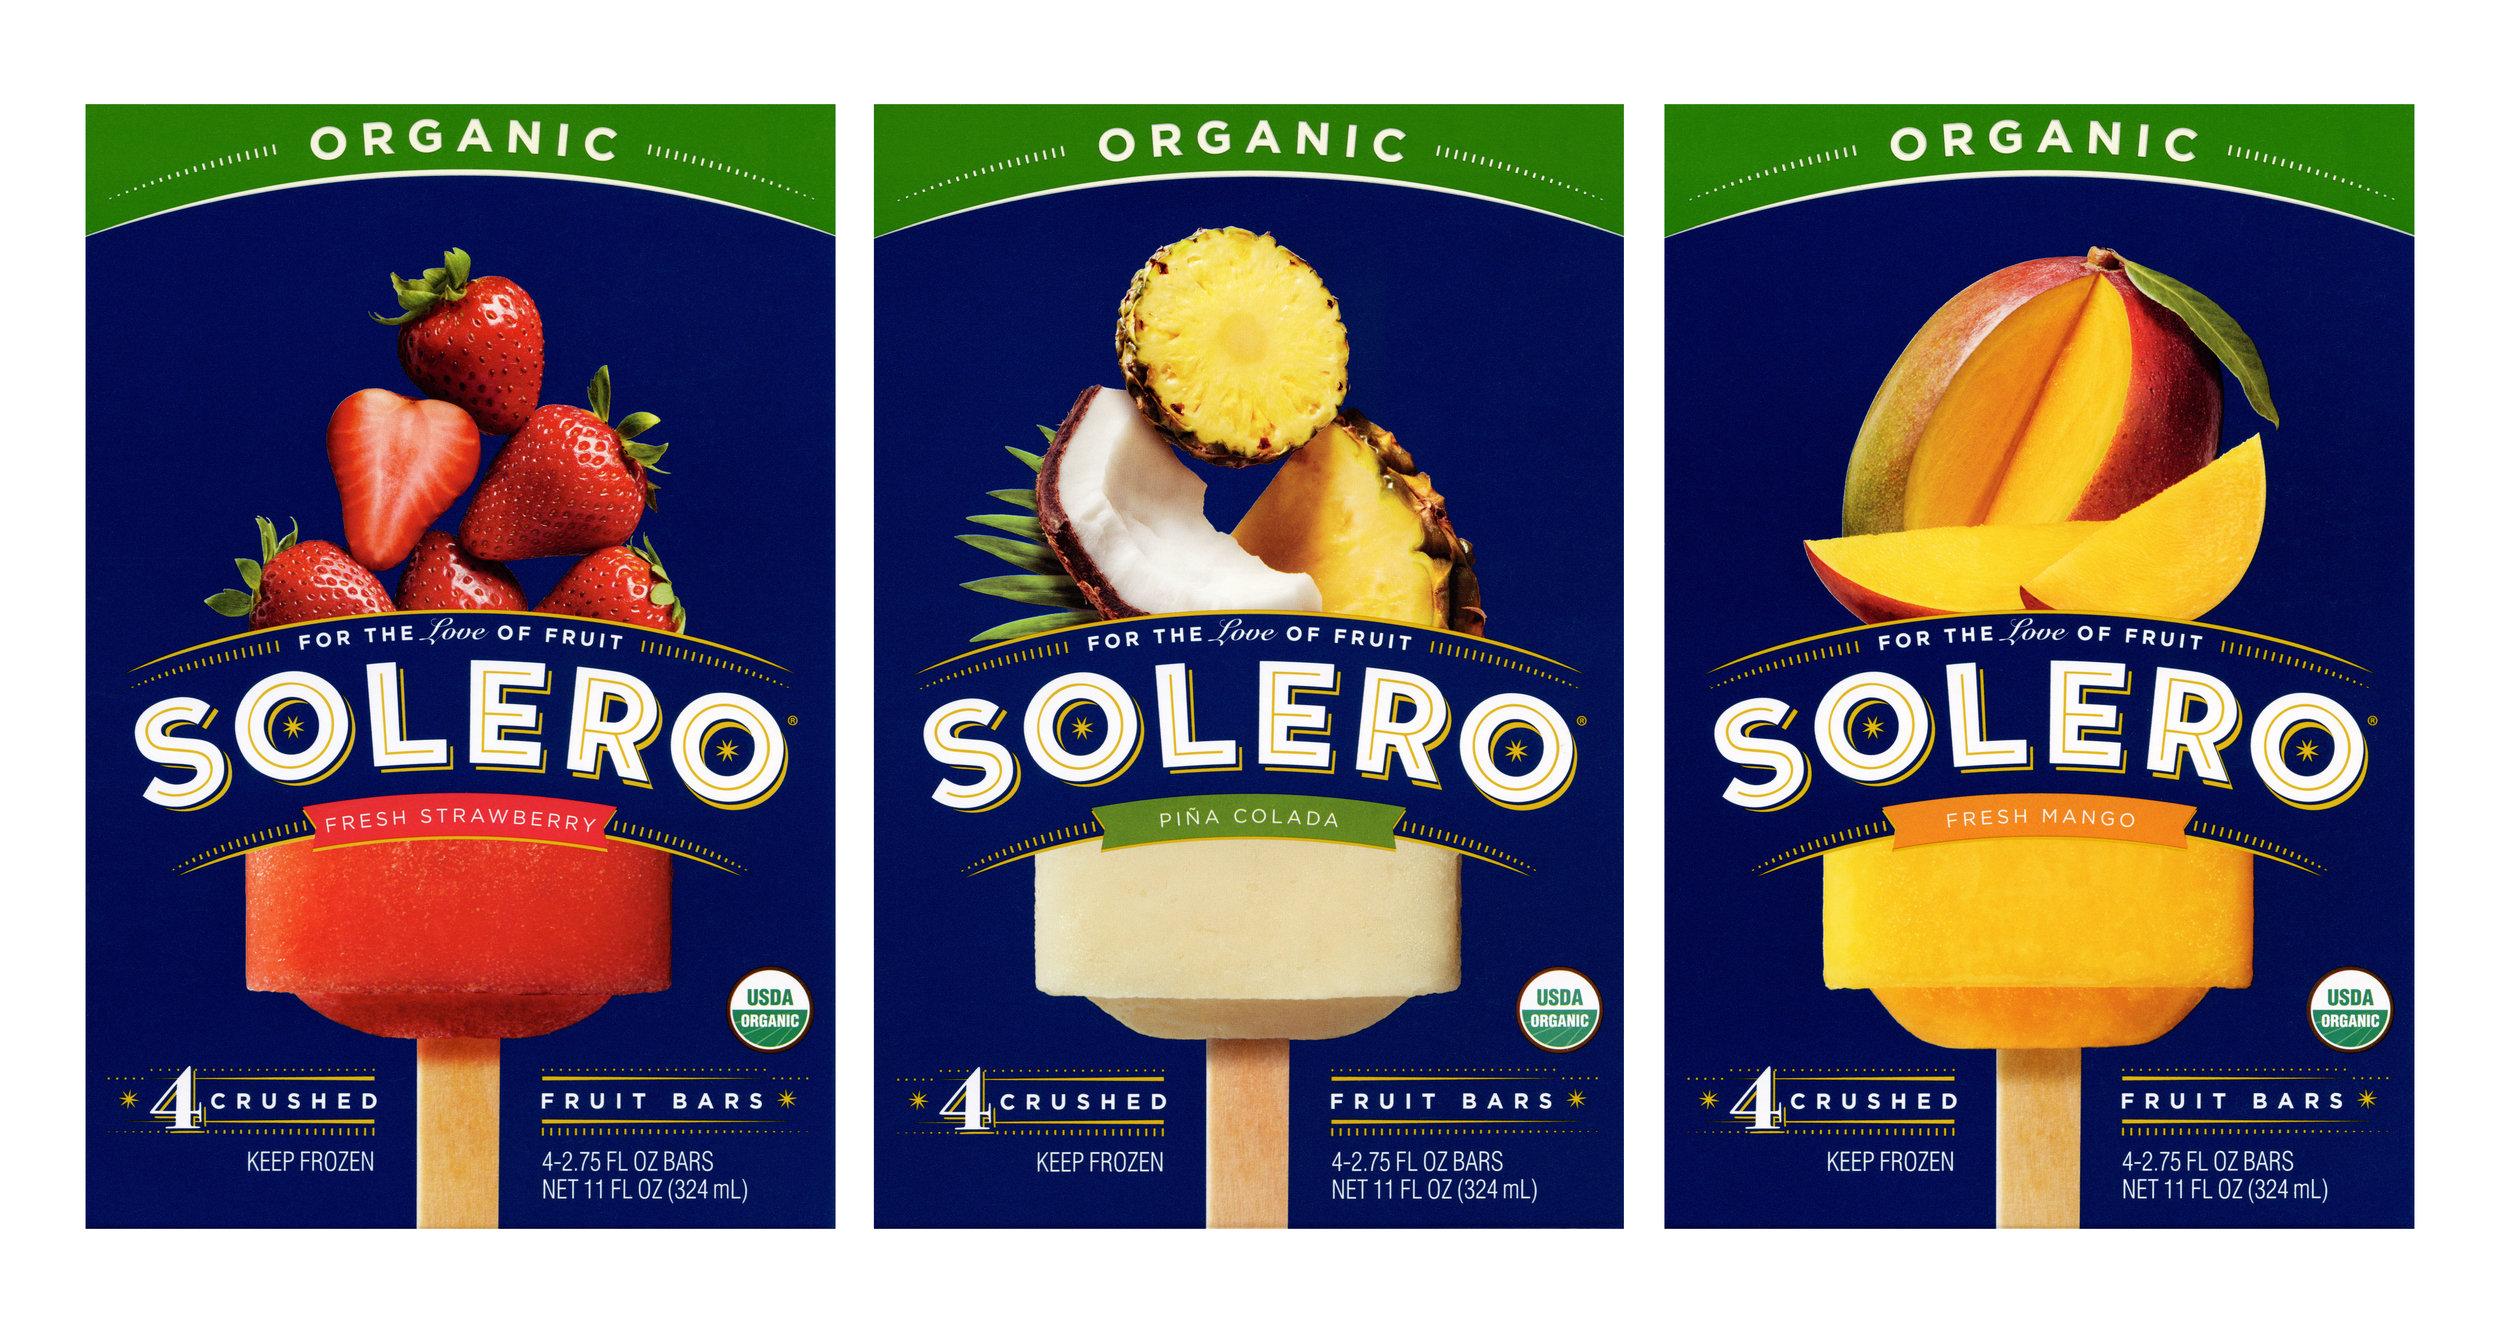 Solero_1c.jpg